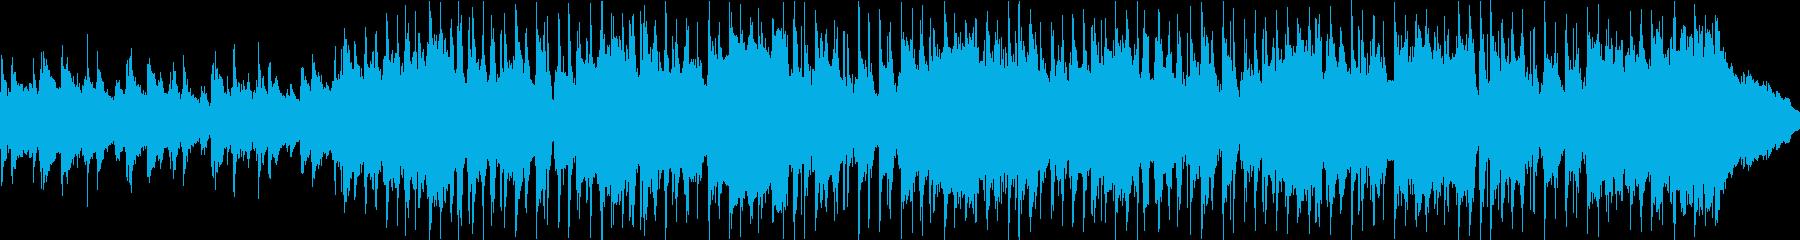 子供の好奇心をイメージしたポップな曲の再生済みの波形